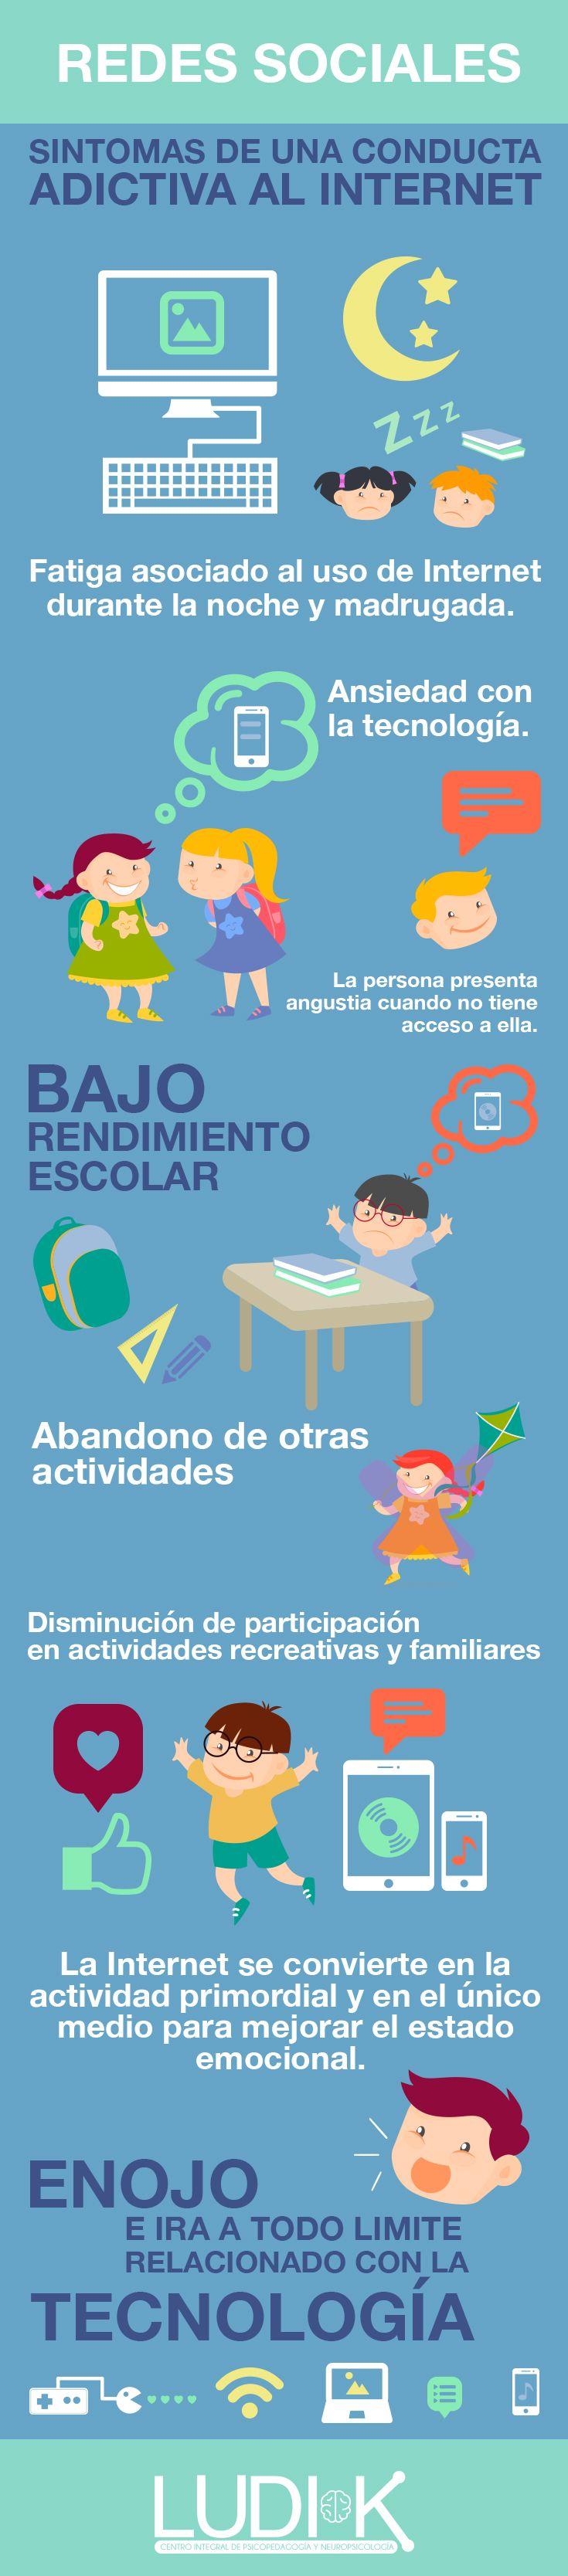 #redesociales #ludik #psicología #niños #salud #adiccioninternet